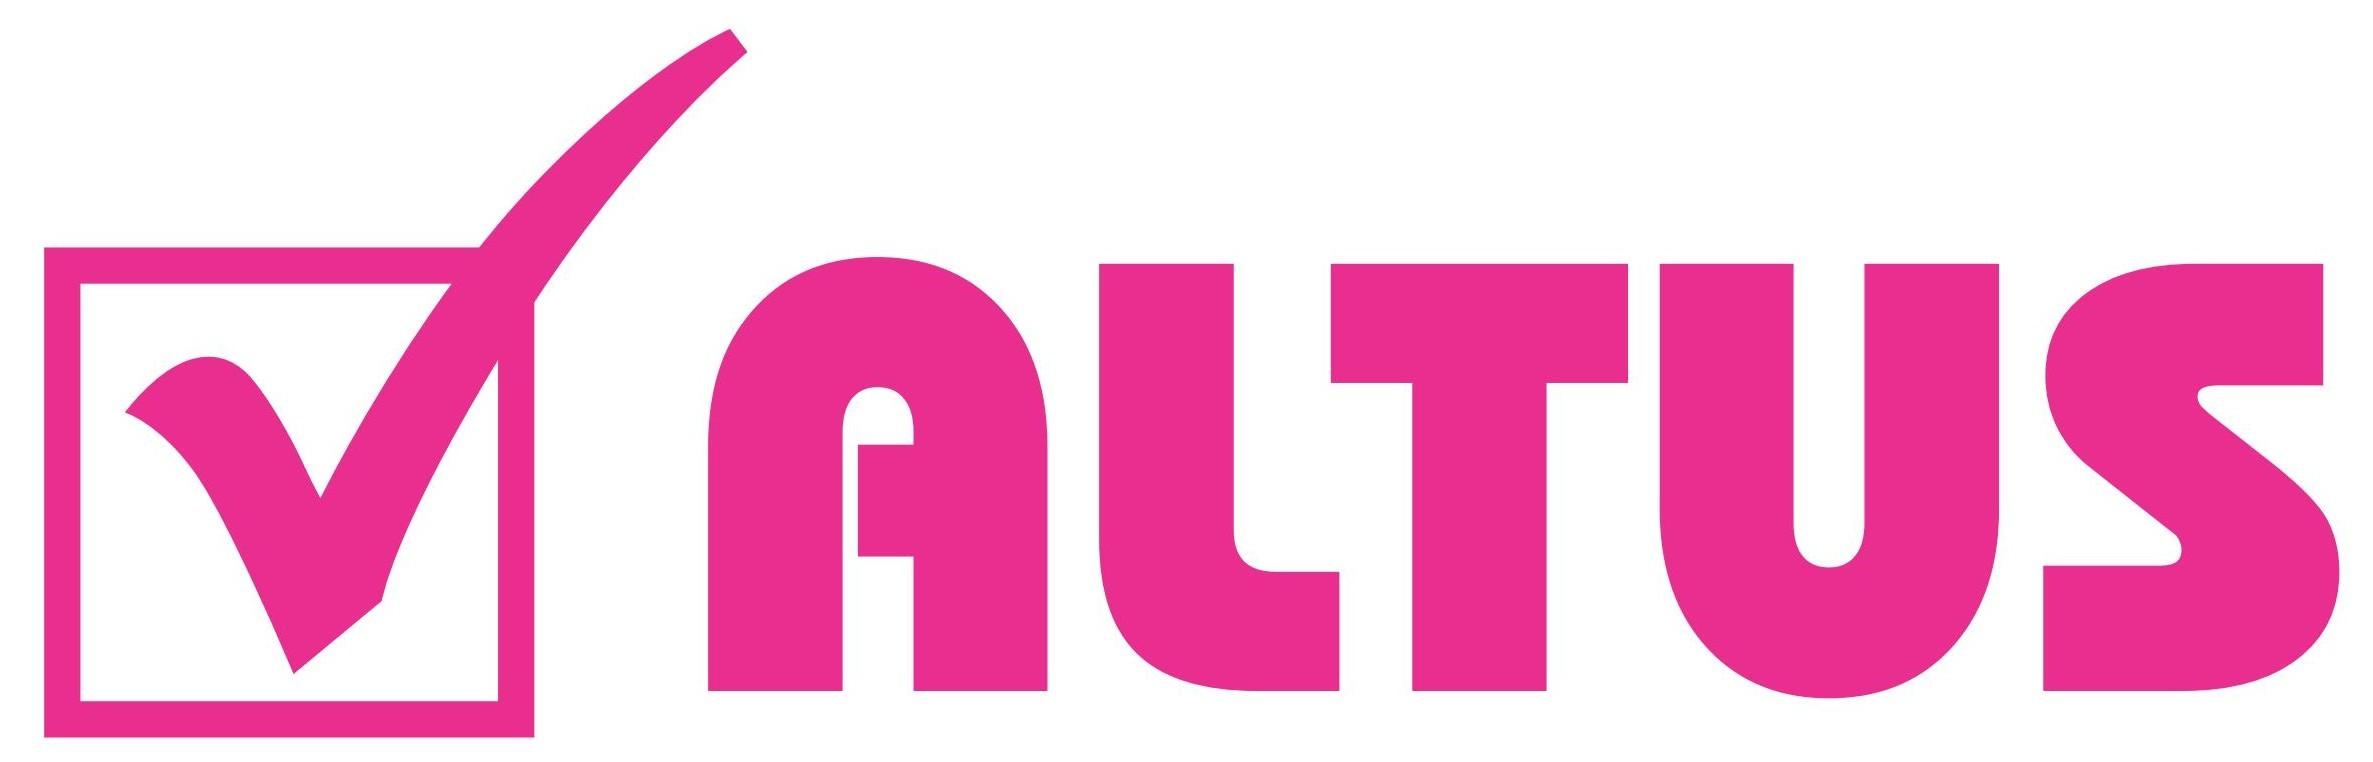 altus-logo